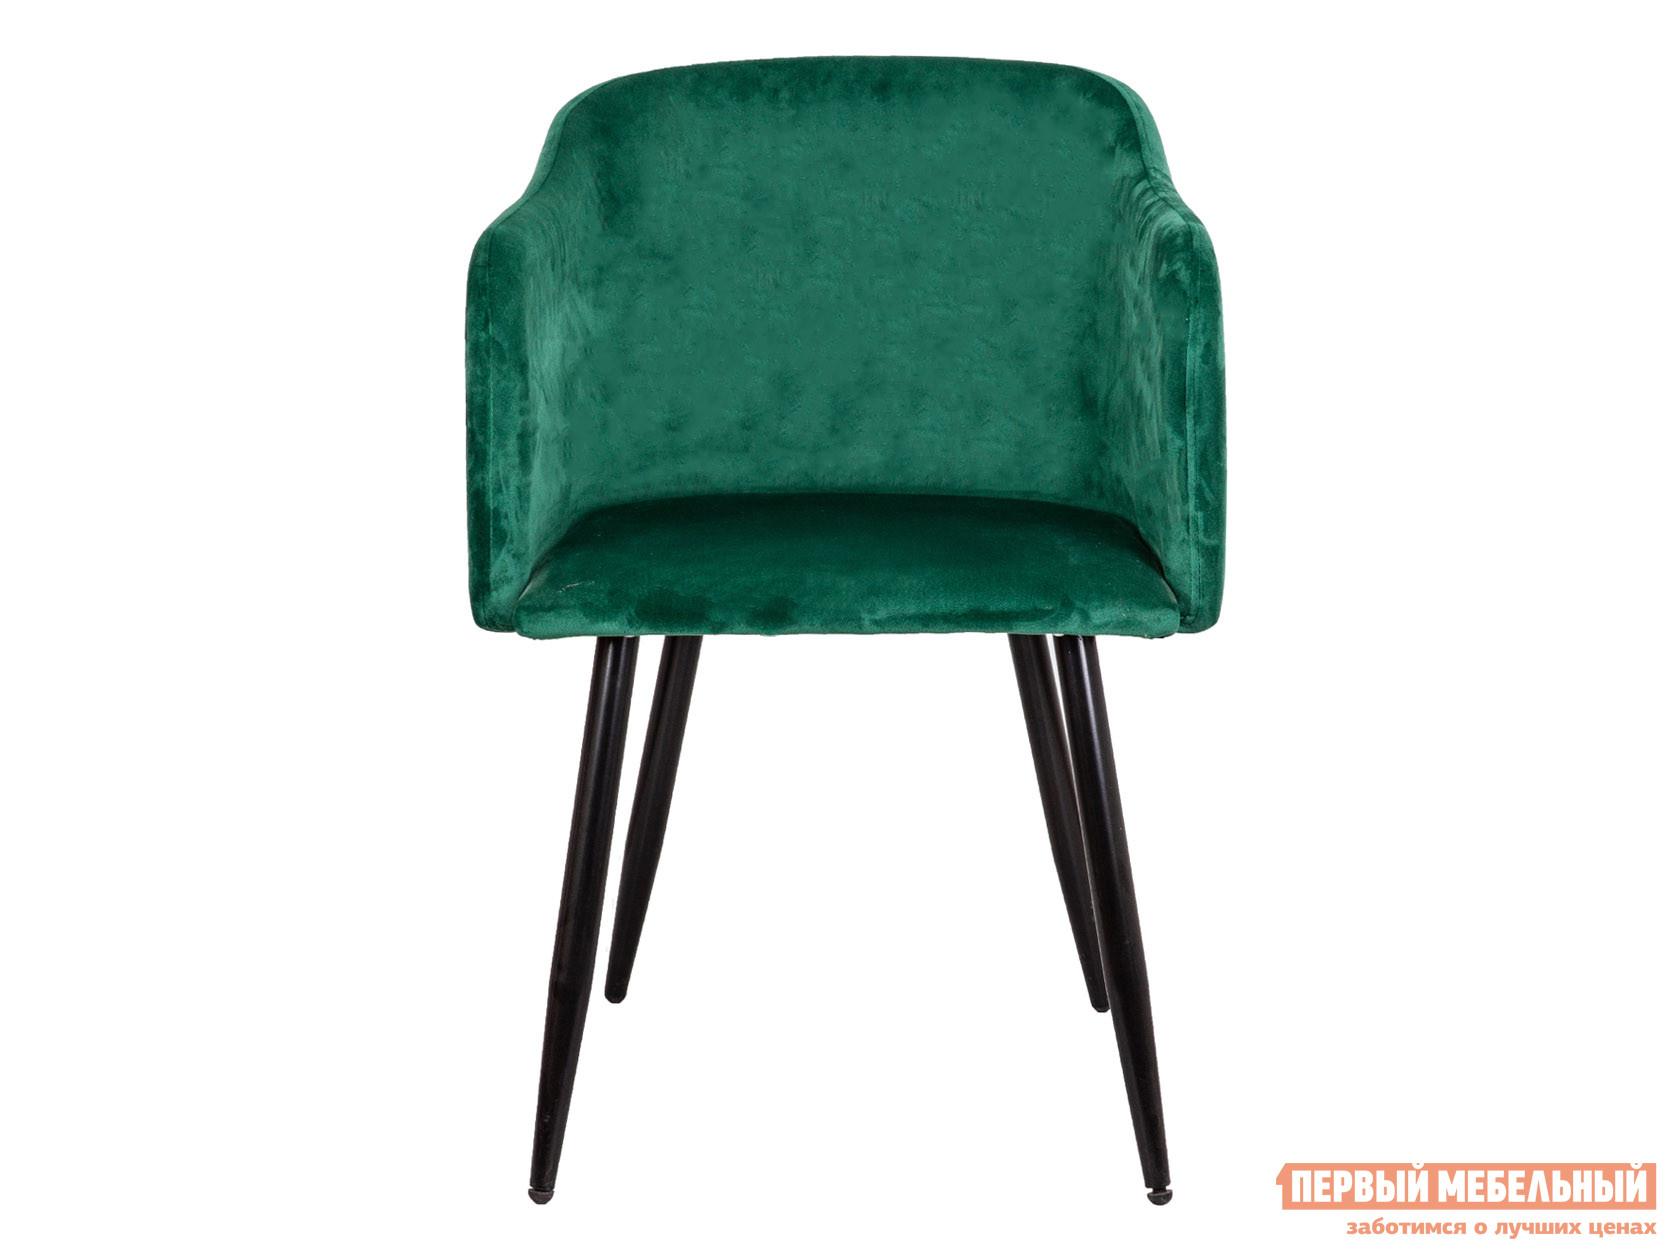 Стул  Стул ORLY Зеленый, велюр — Стул ORLY Зеленый, велюр